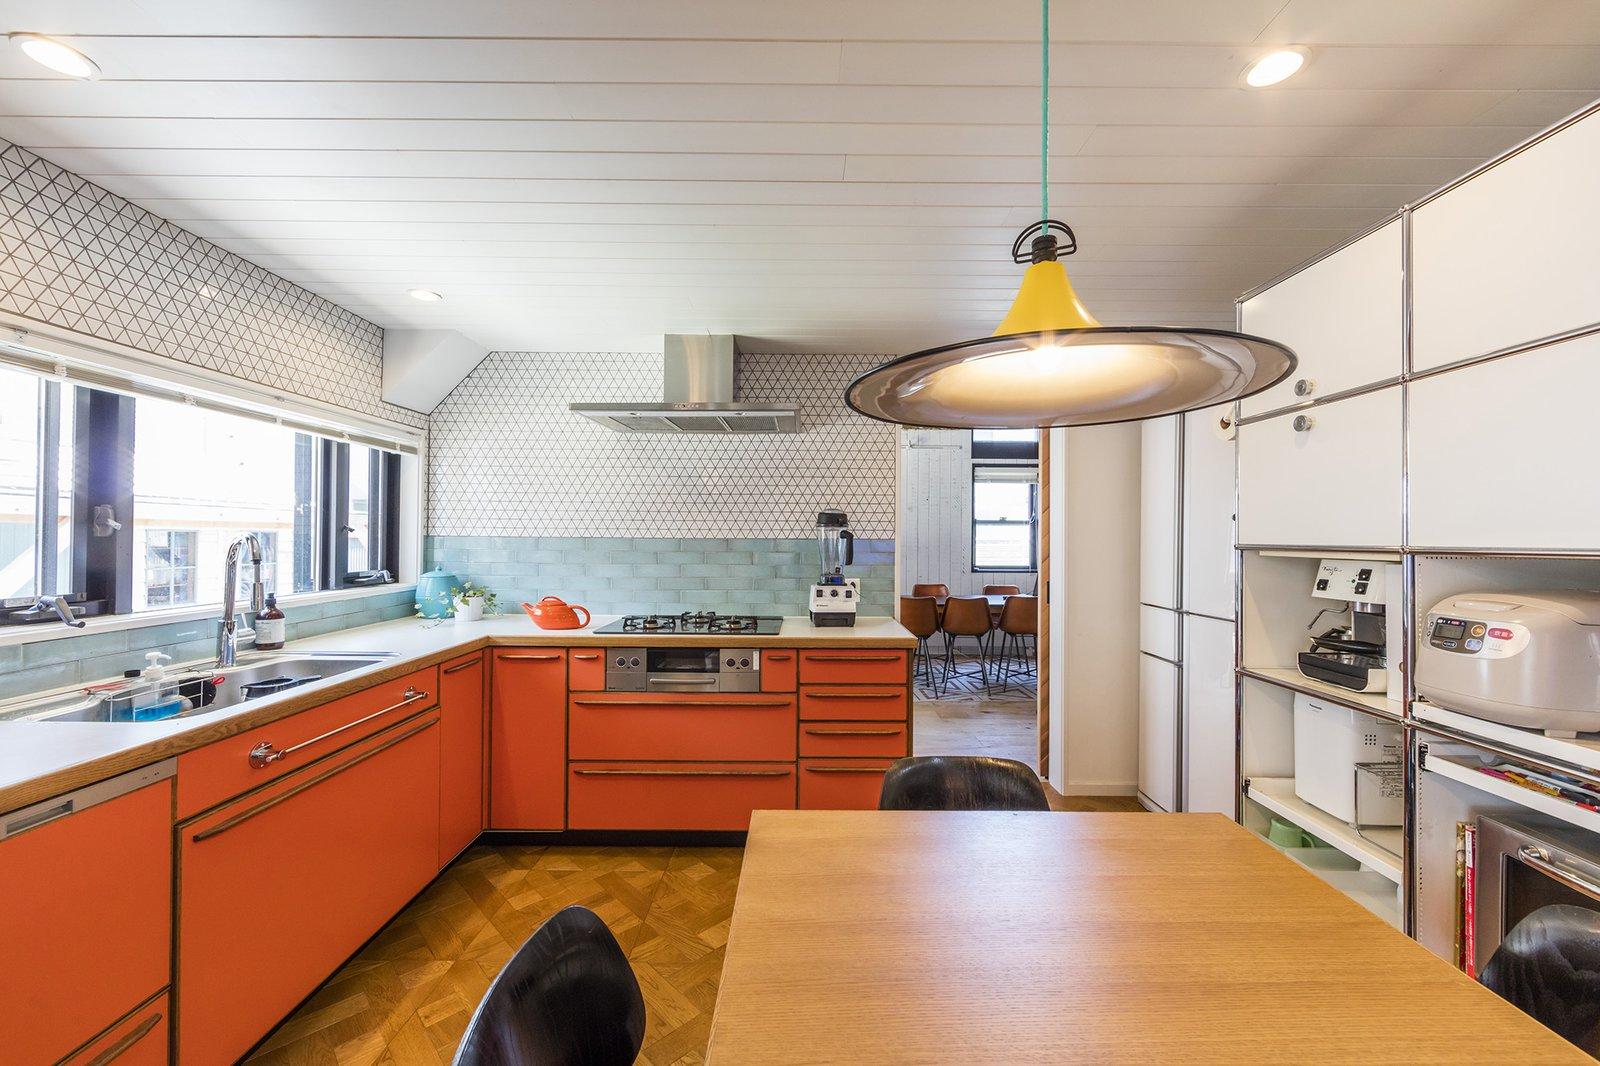 Chigasaki Surf House kitchen